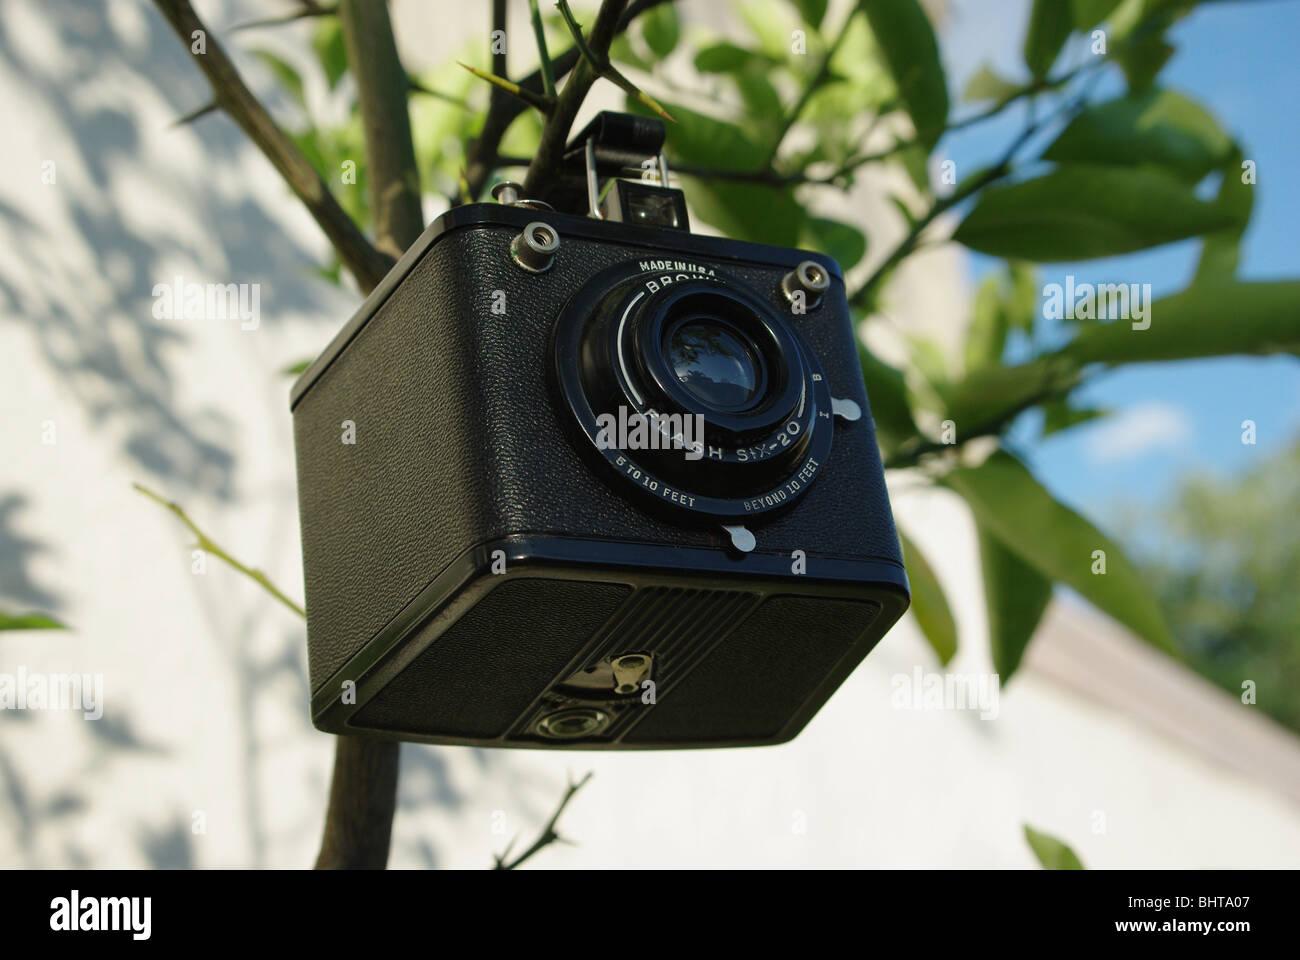 Brownie box camera - Stock Image